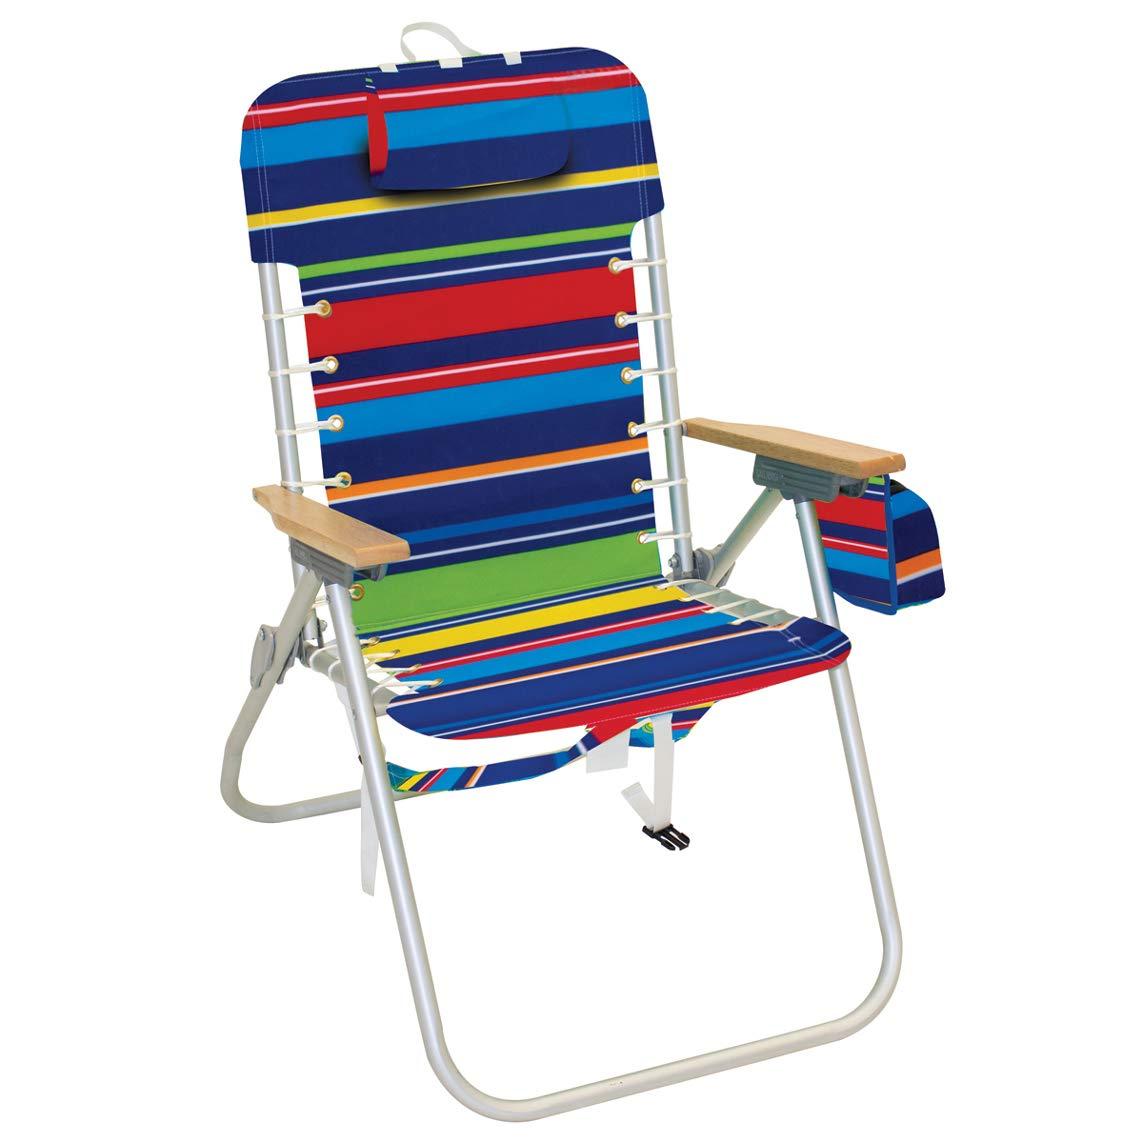 Rio Beach Hi-Boy 17'' Suspension Folding Backpack Beach Chair - Pop Surf Stripes